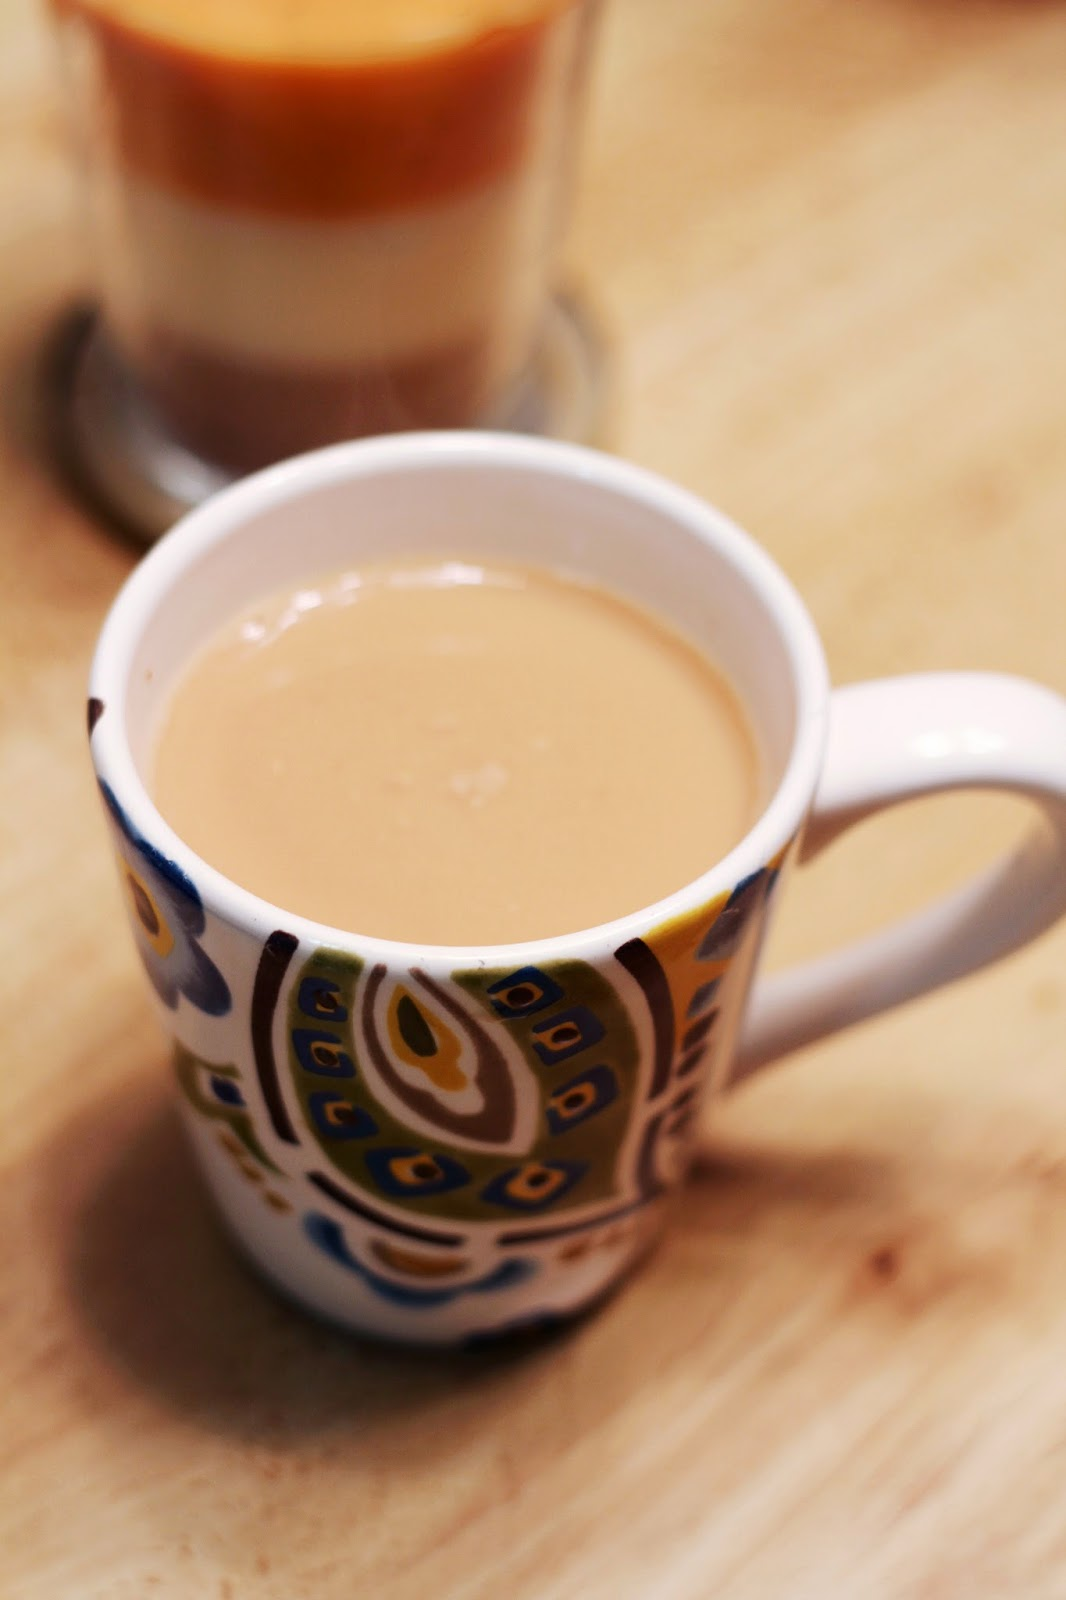 Латте-арт: как сделать рисунок на кофе. Видео - Woman 95